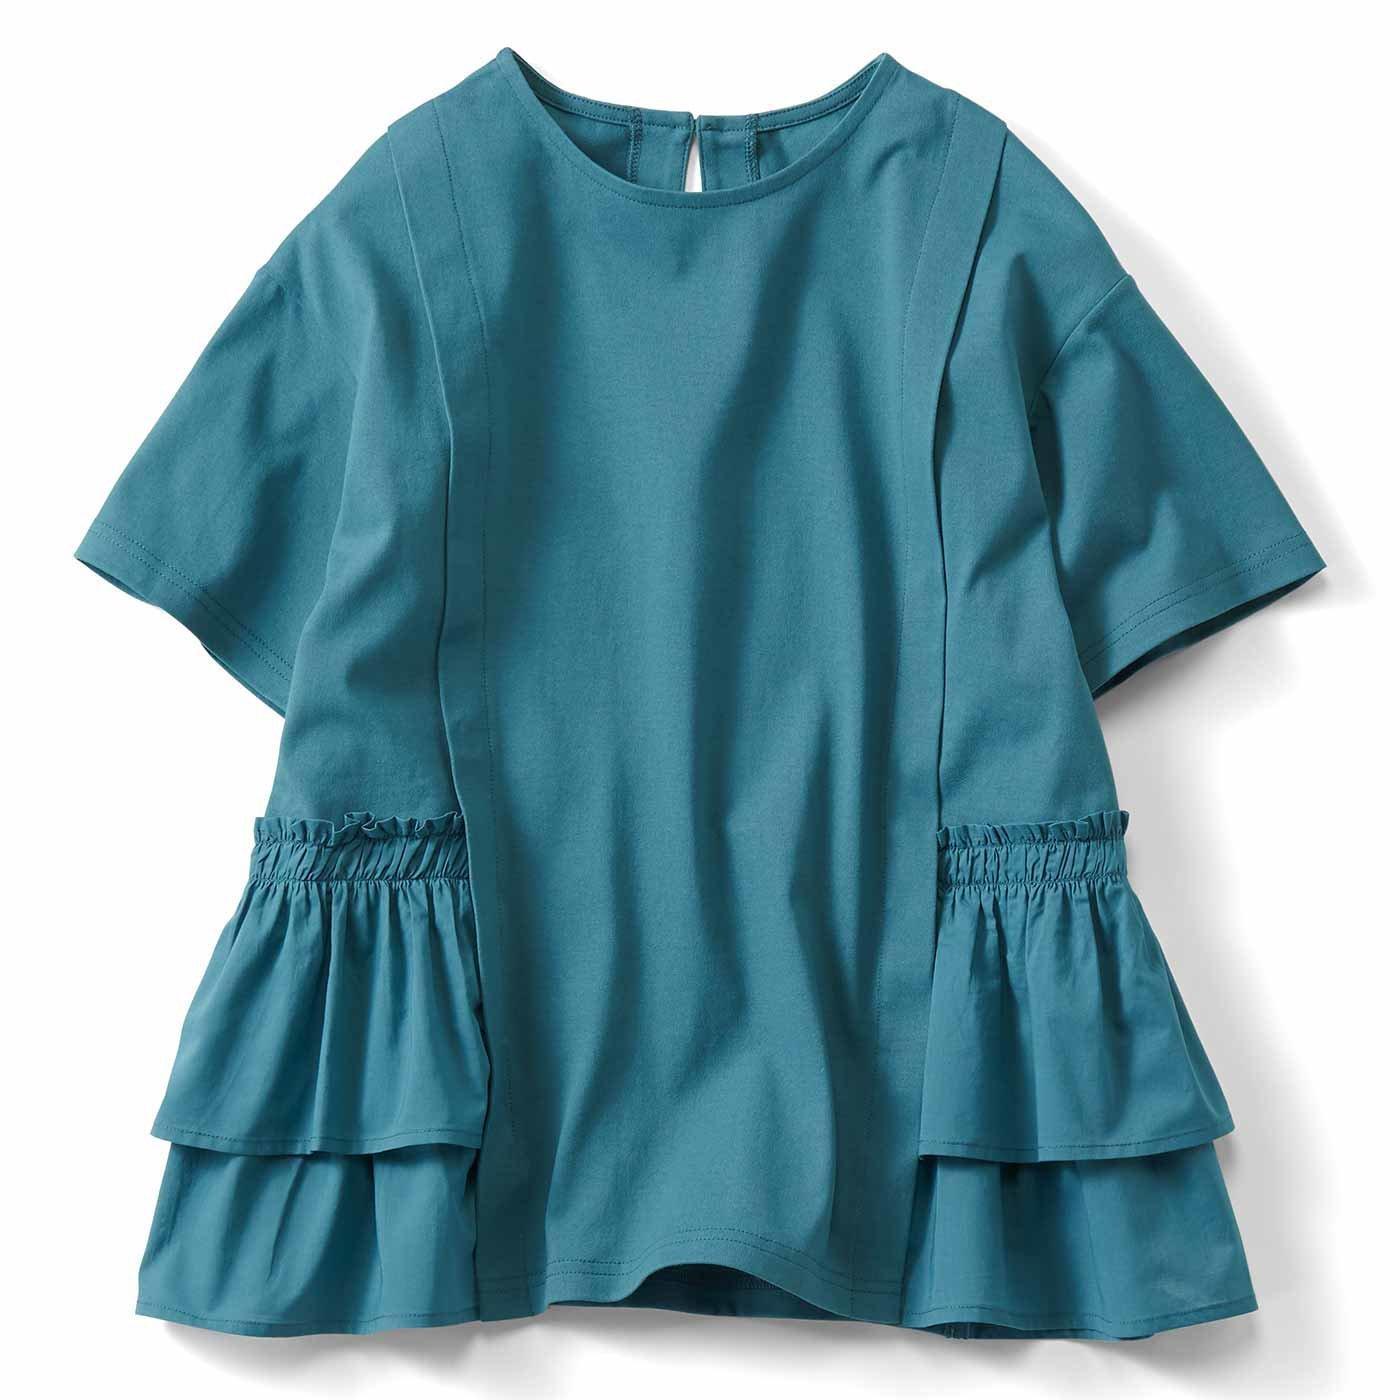 【3~10日でお届け】IEDIT[イディット] 汗じみ軽減加工をほどこした異素材遣いTシャツ〈グリーン〉